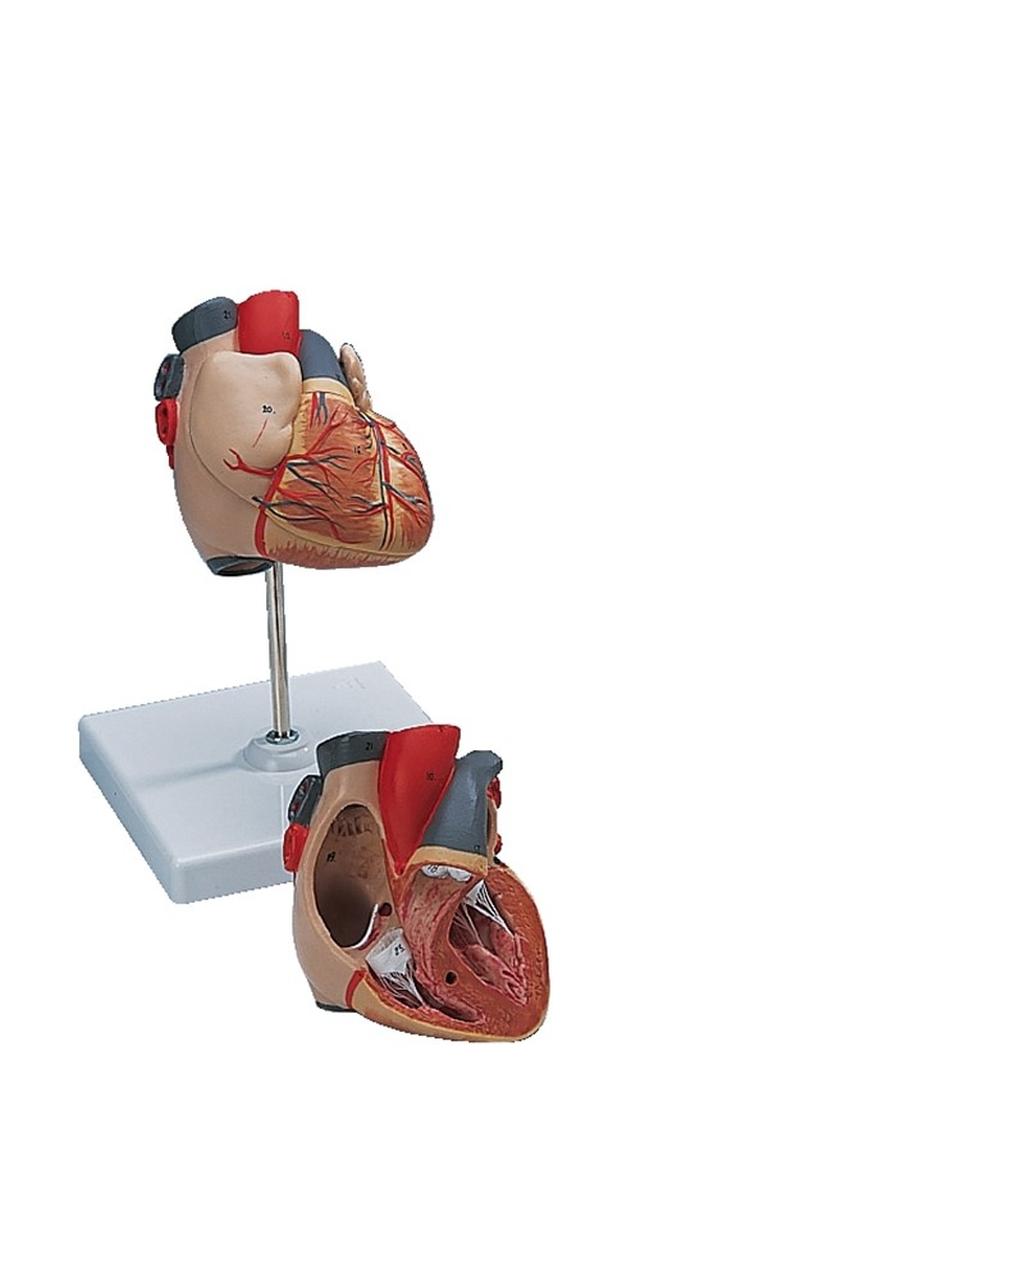 Classic Heart Model